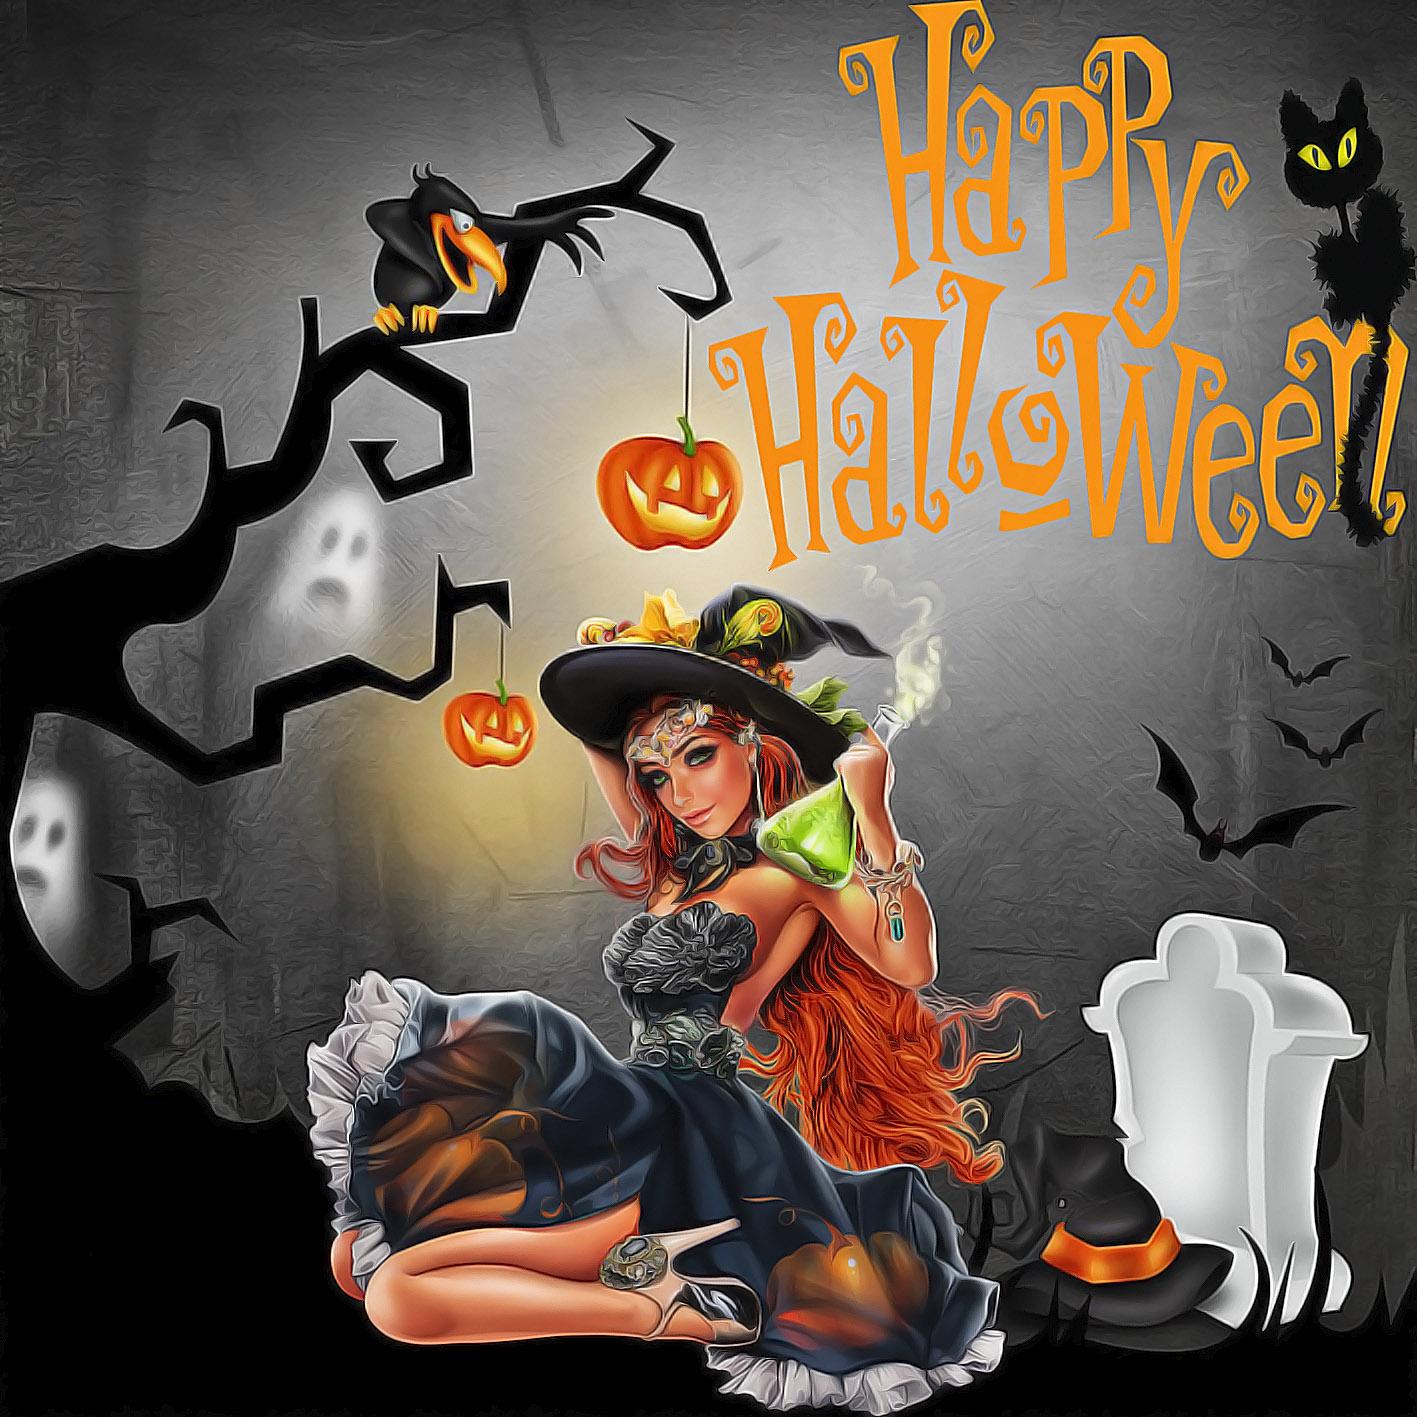 Поздравление с хэллоуином в прозе на английском